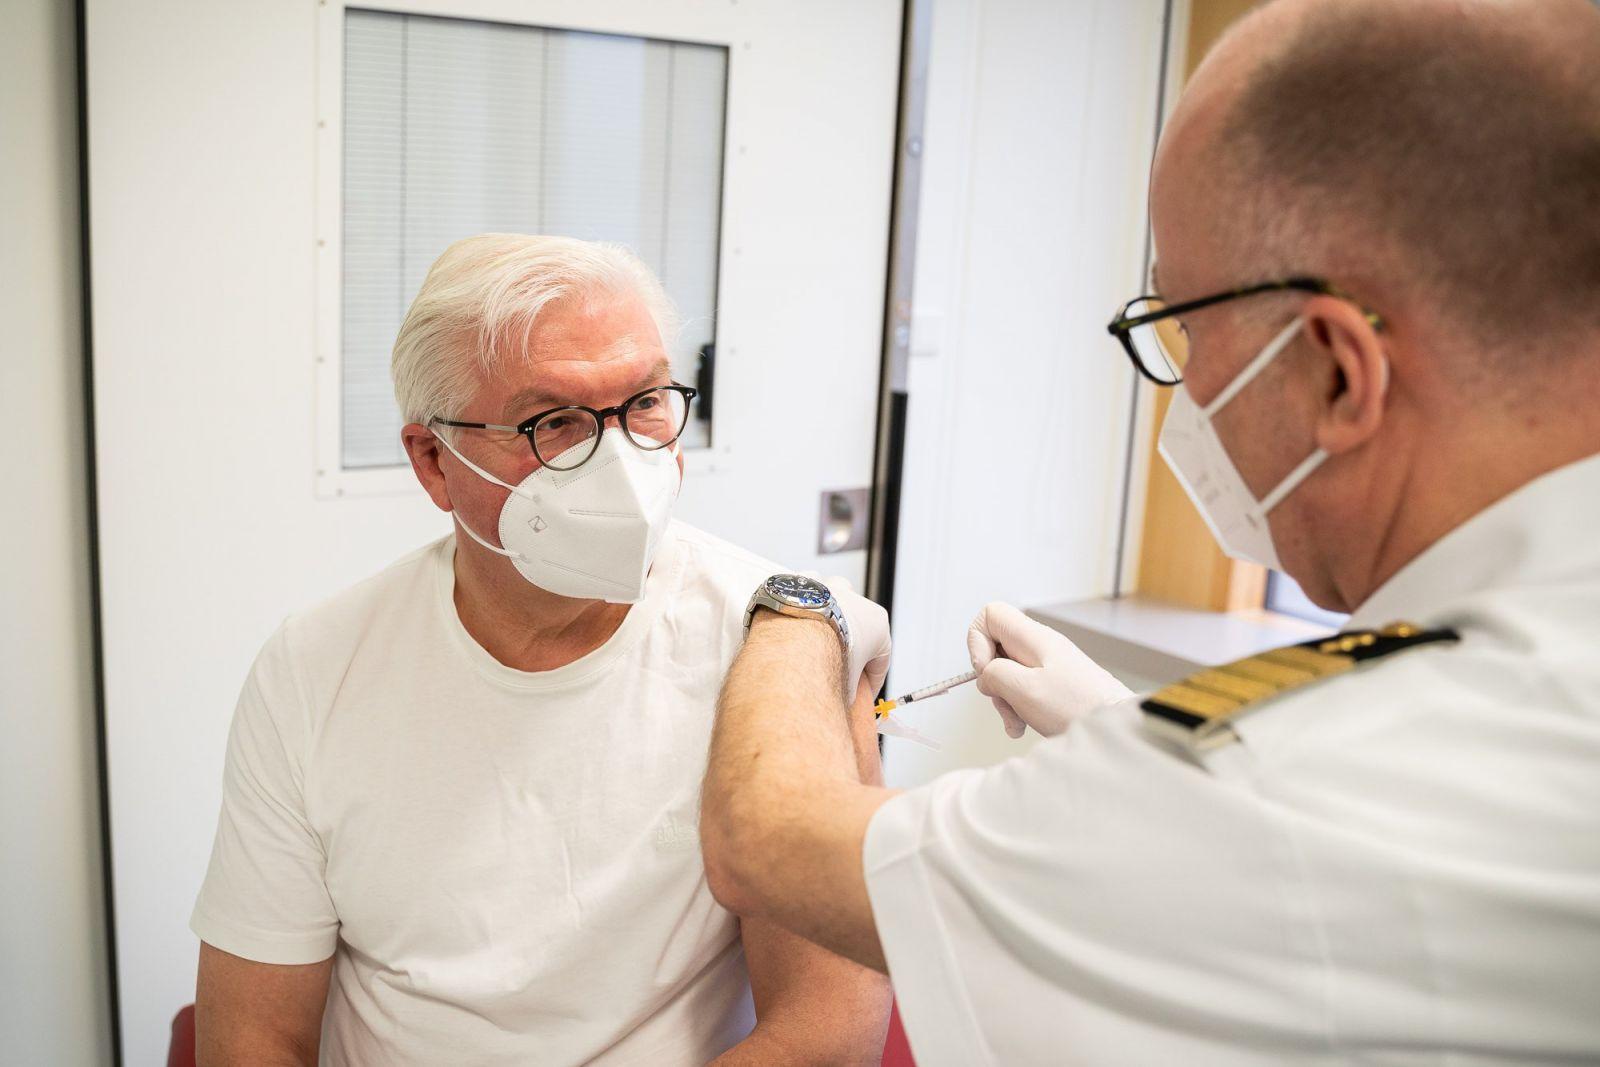 Tổng thống Đức Frank-Walter Steinmeier nhận mũi tiêm vắc xin AstraZeneca đầu tiên ngày 1-4 - Ảnh: TWITTER